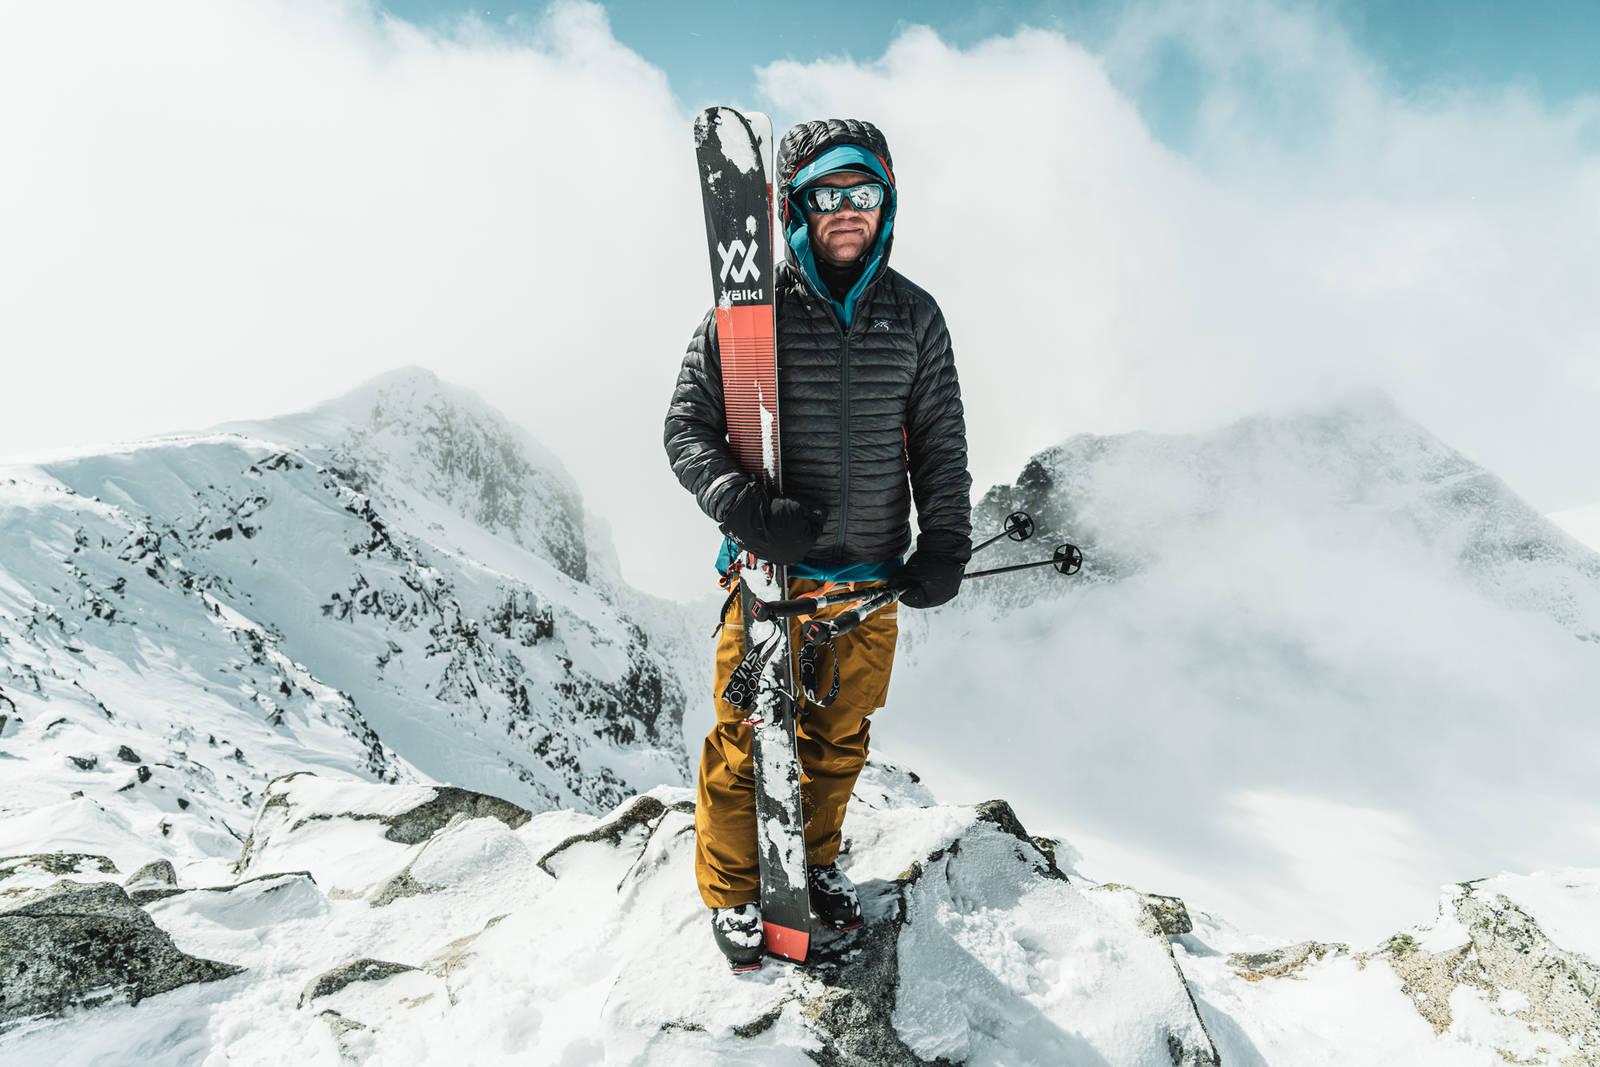 TAKET AV NORGE: Stian Hagen har flere ganger gått til toppen av Galdhøpiggen fra Juvasshytta. Den ligger på hele 1841 moh, slik at du sparer en del høydemeter - hvis det skulle være interessant. Bilde: Christian Nerdrum